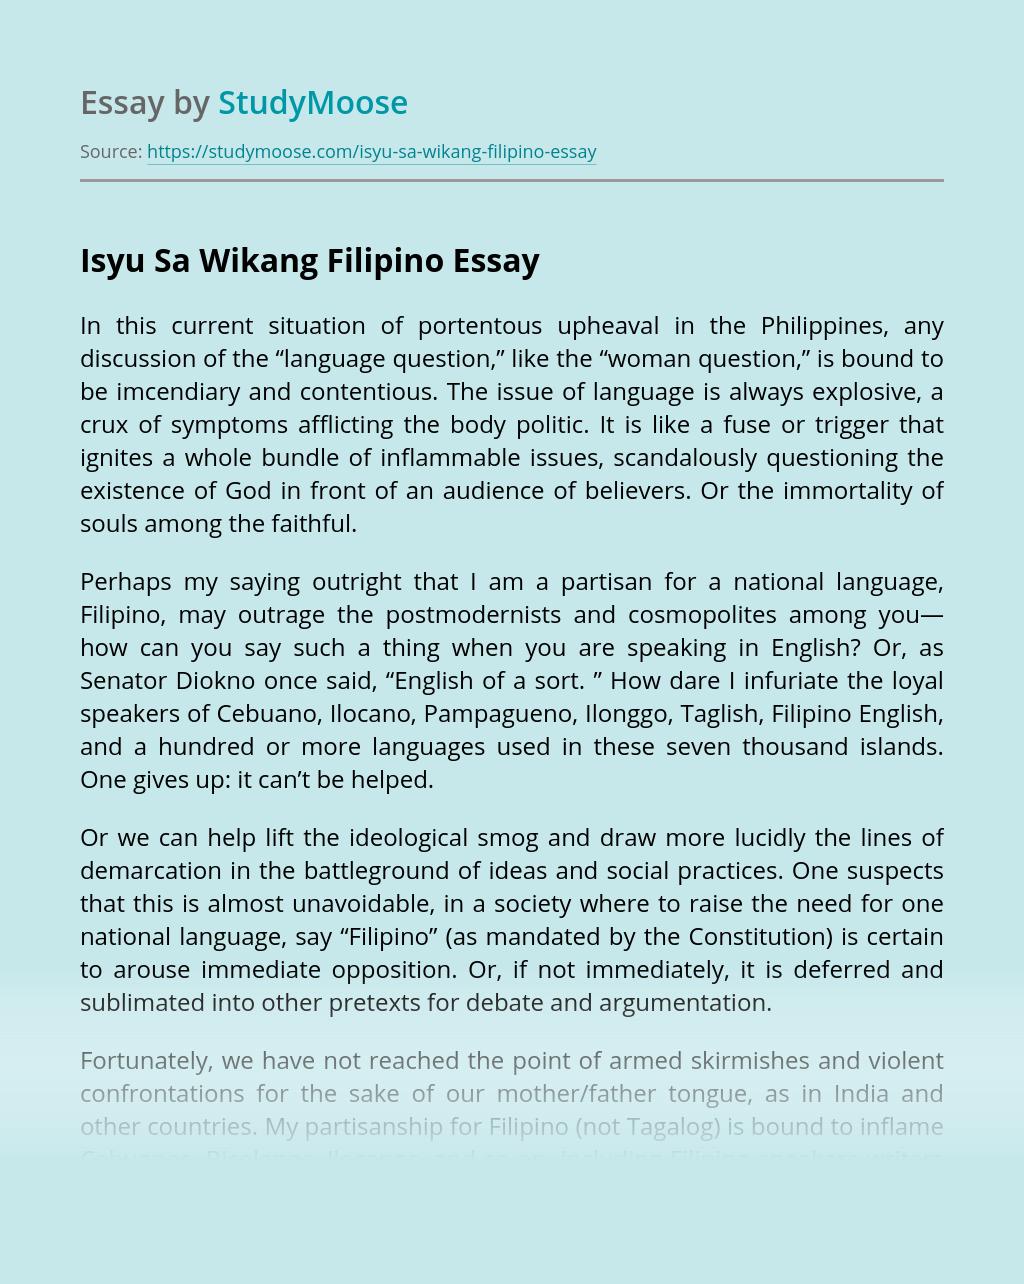 Isyu Sa Wikang Filipino